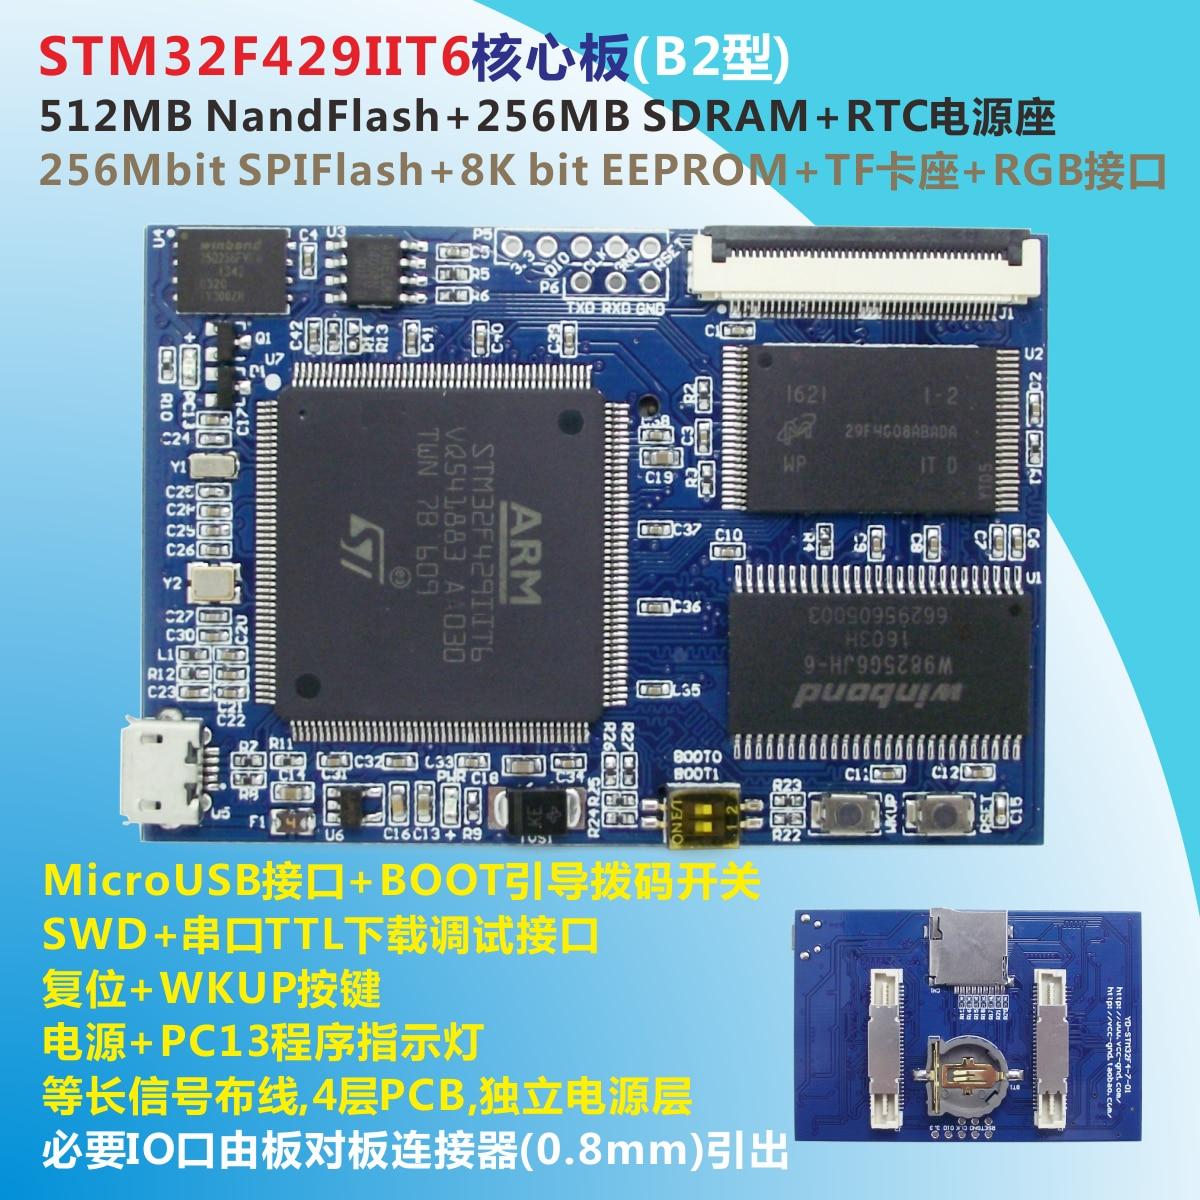 STM32F429IIT6 Core Board (larger than STM32F429IGT6, Built-in Flash) (B2) кухонная мойка ukinox stm 800 600 20 6